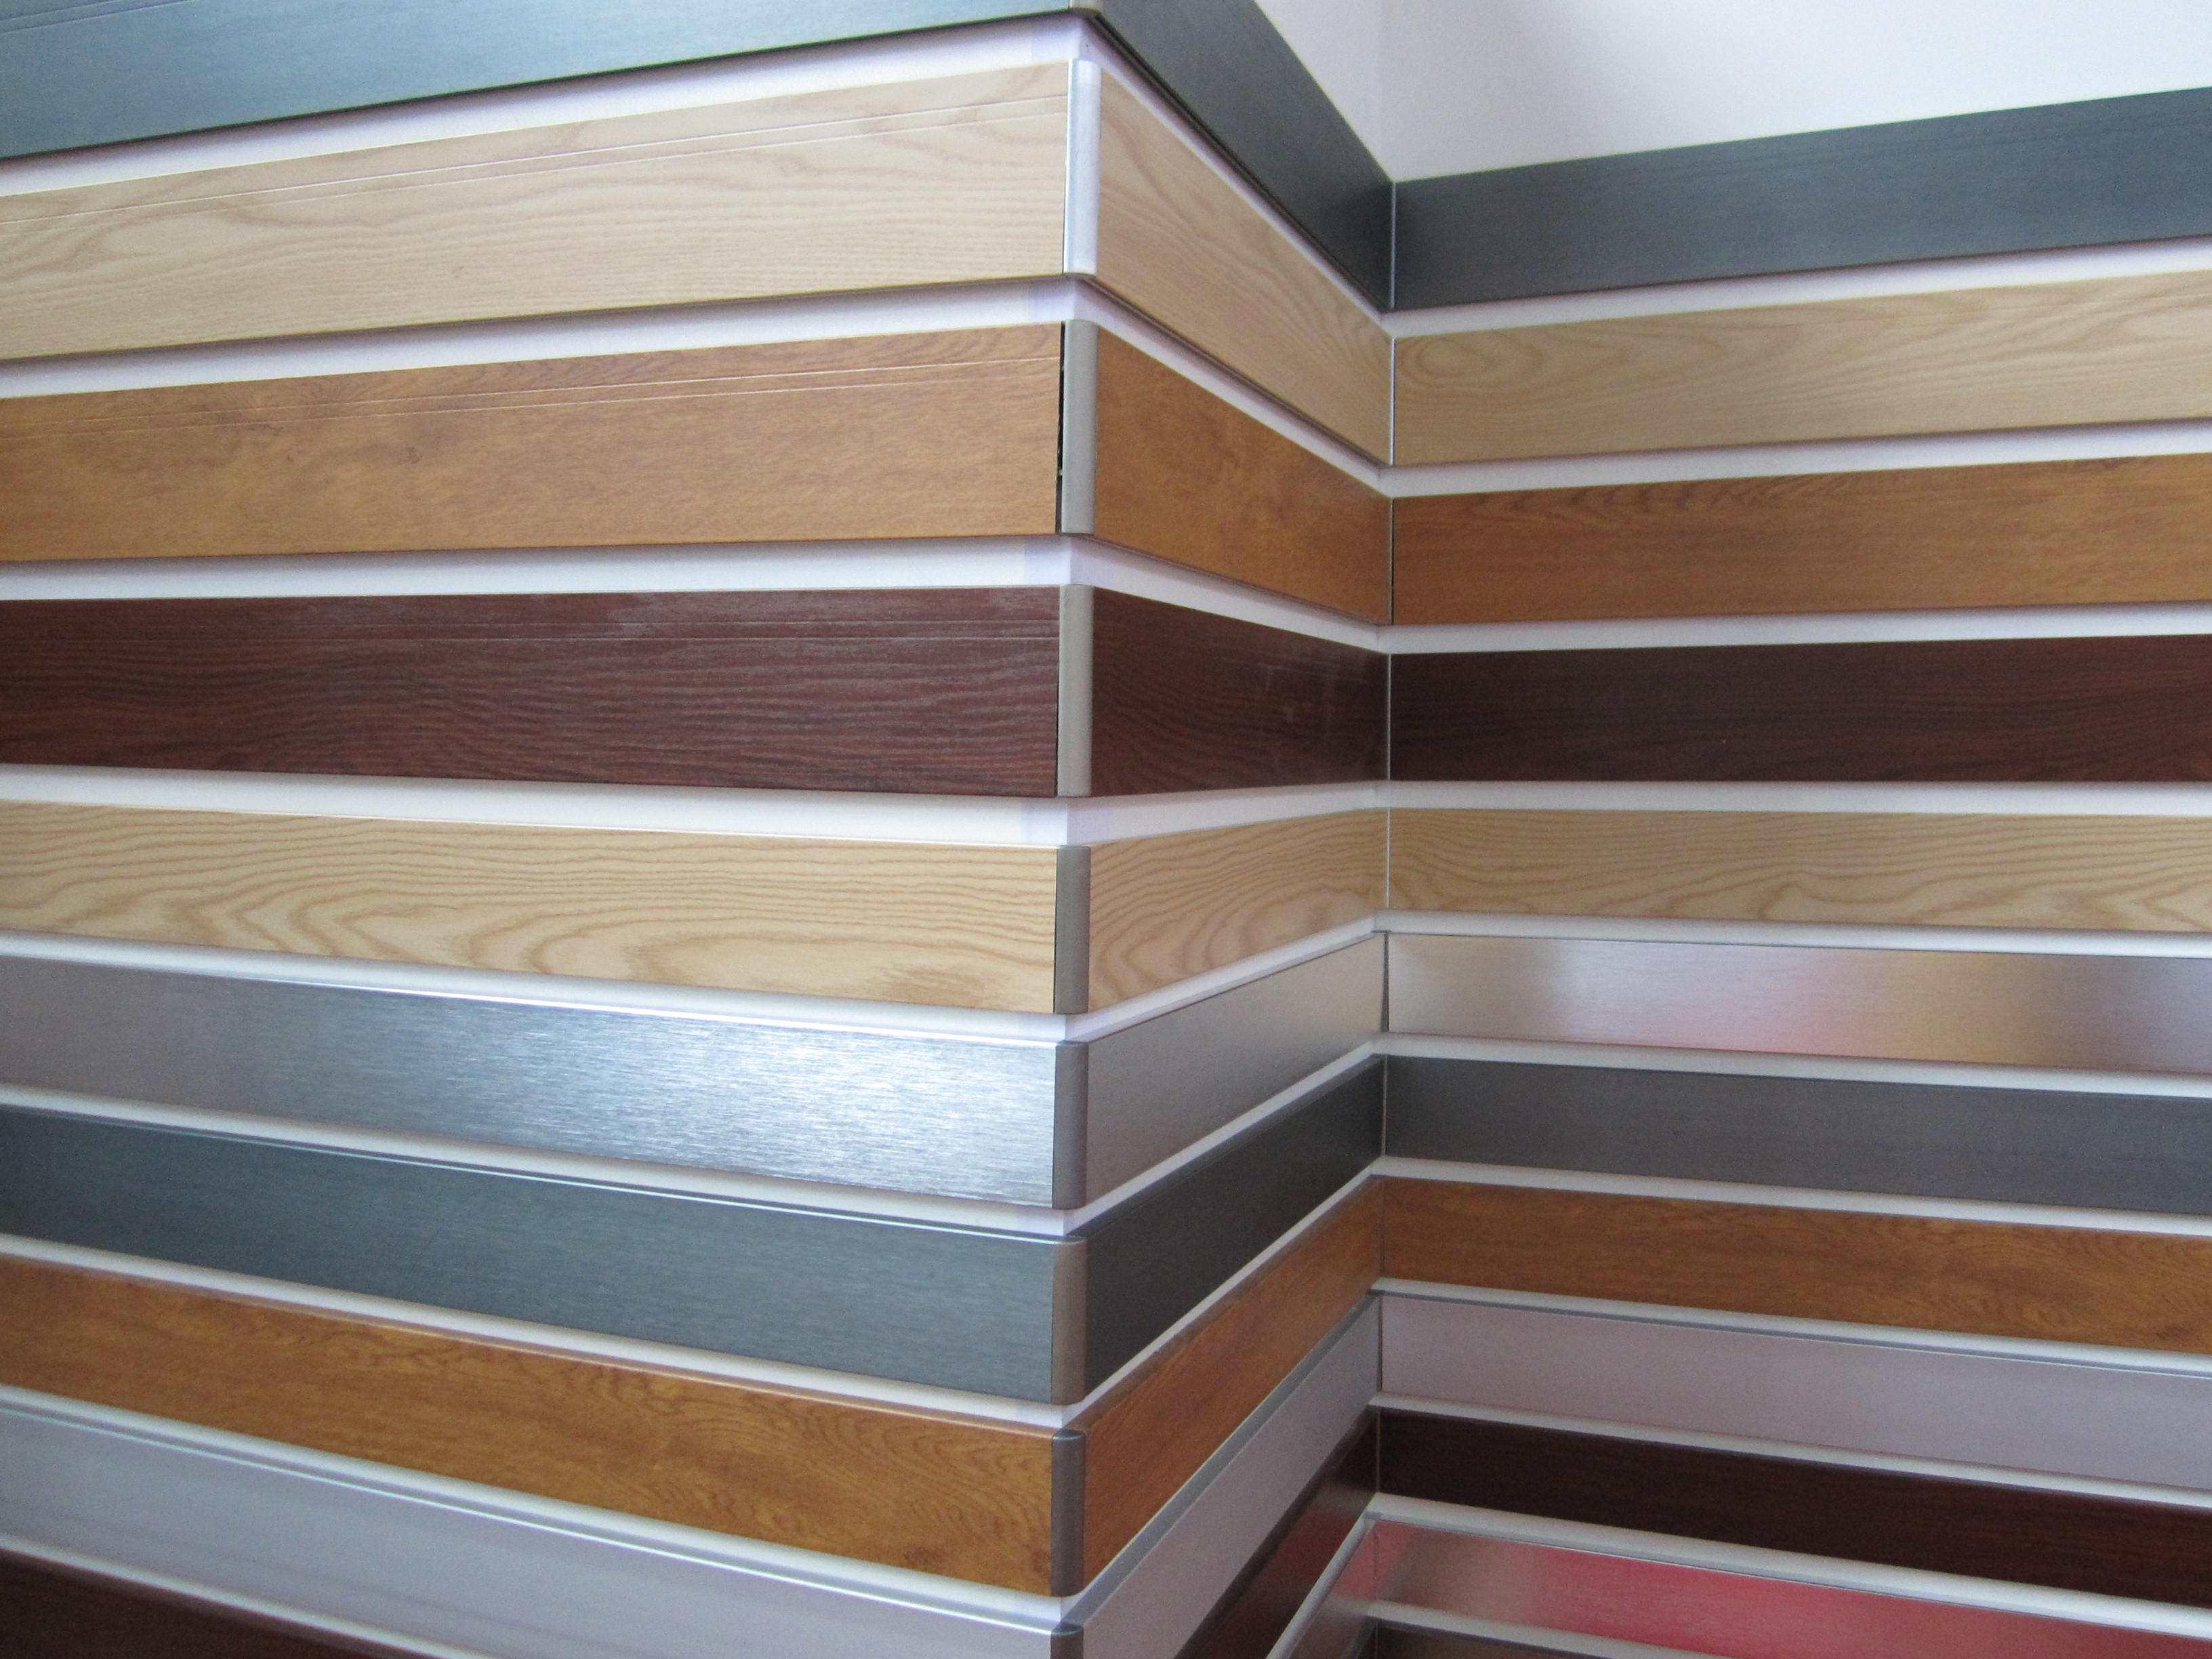 北京装修护墙板需要安装踢脚线吗